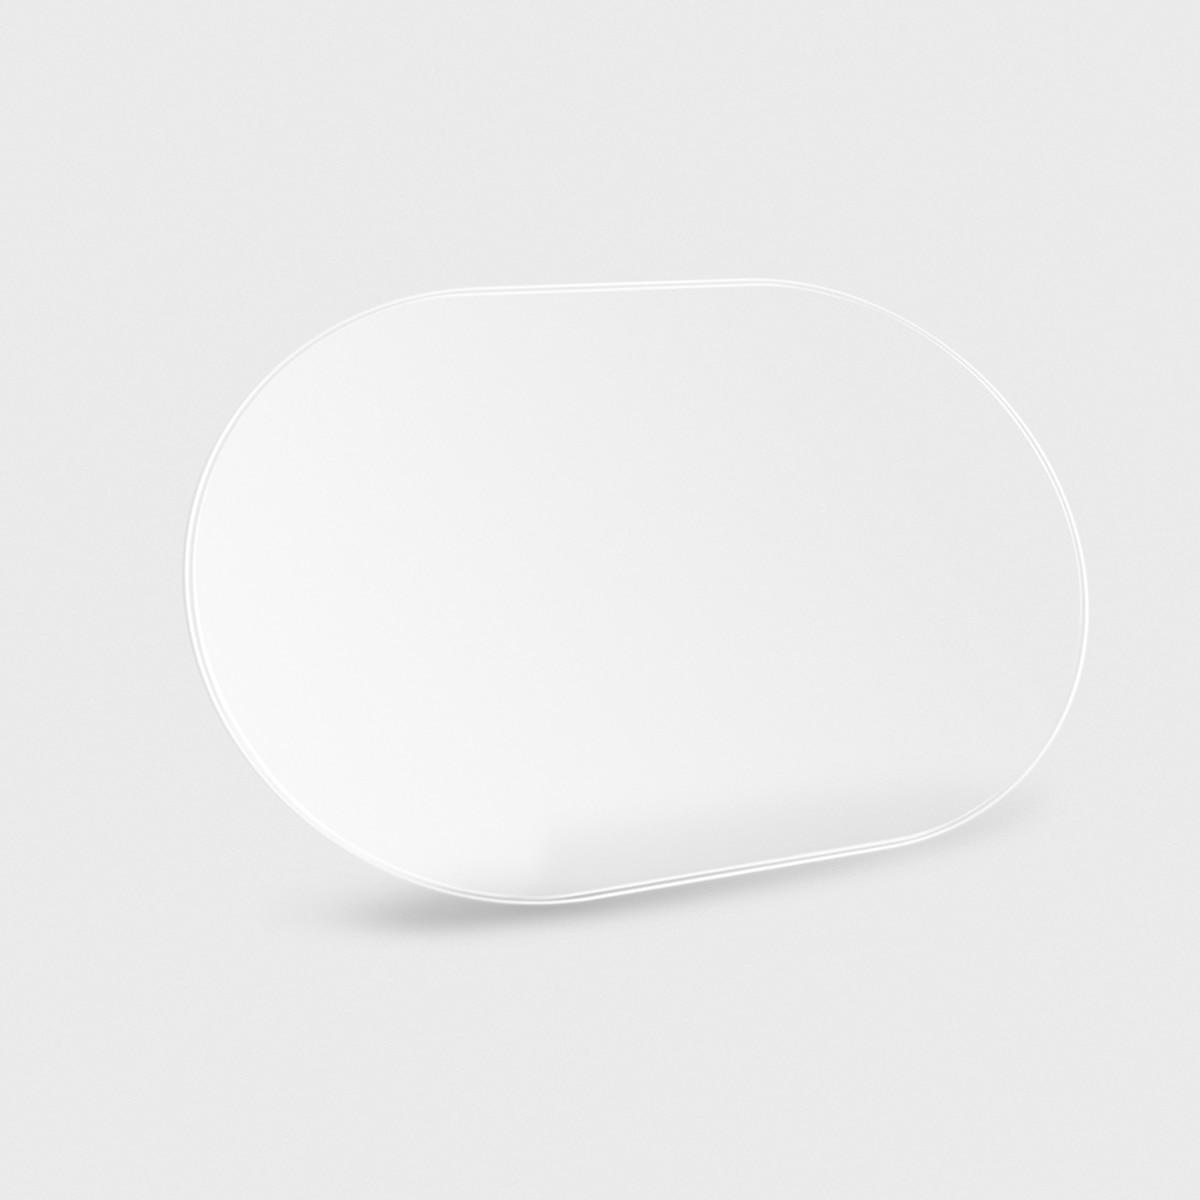 Image 3 - Carro anti névoa de água filme anti nevoeiro à prova de chuva  espelho retrovisor película protetora 1 par 140*100mm carro anti névoa  de água filmeCapa p/ espelho retrovisor